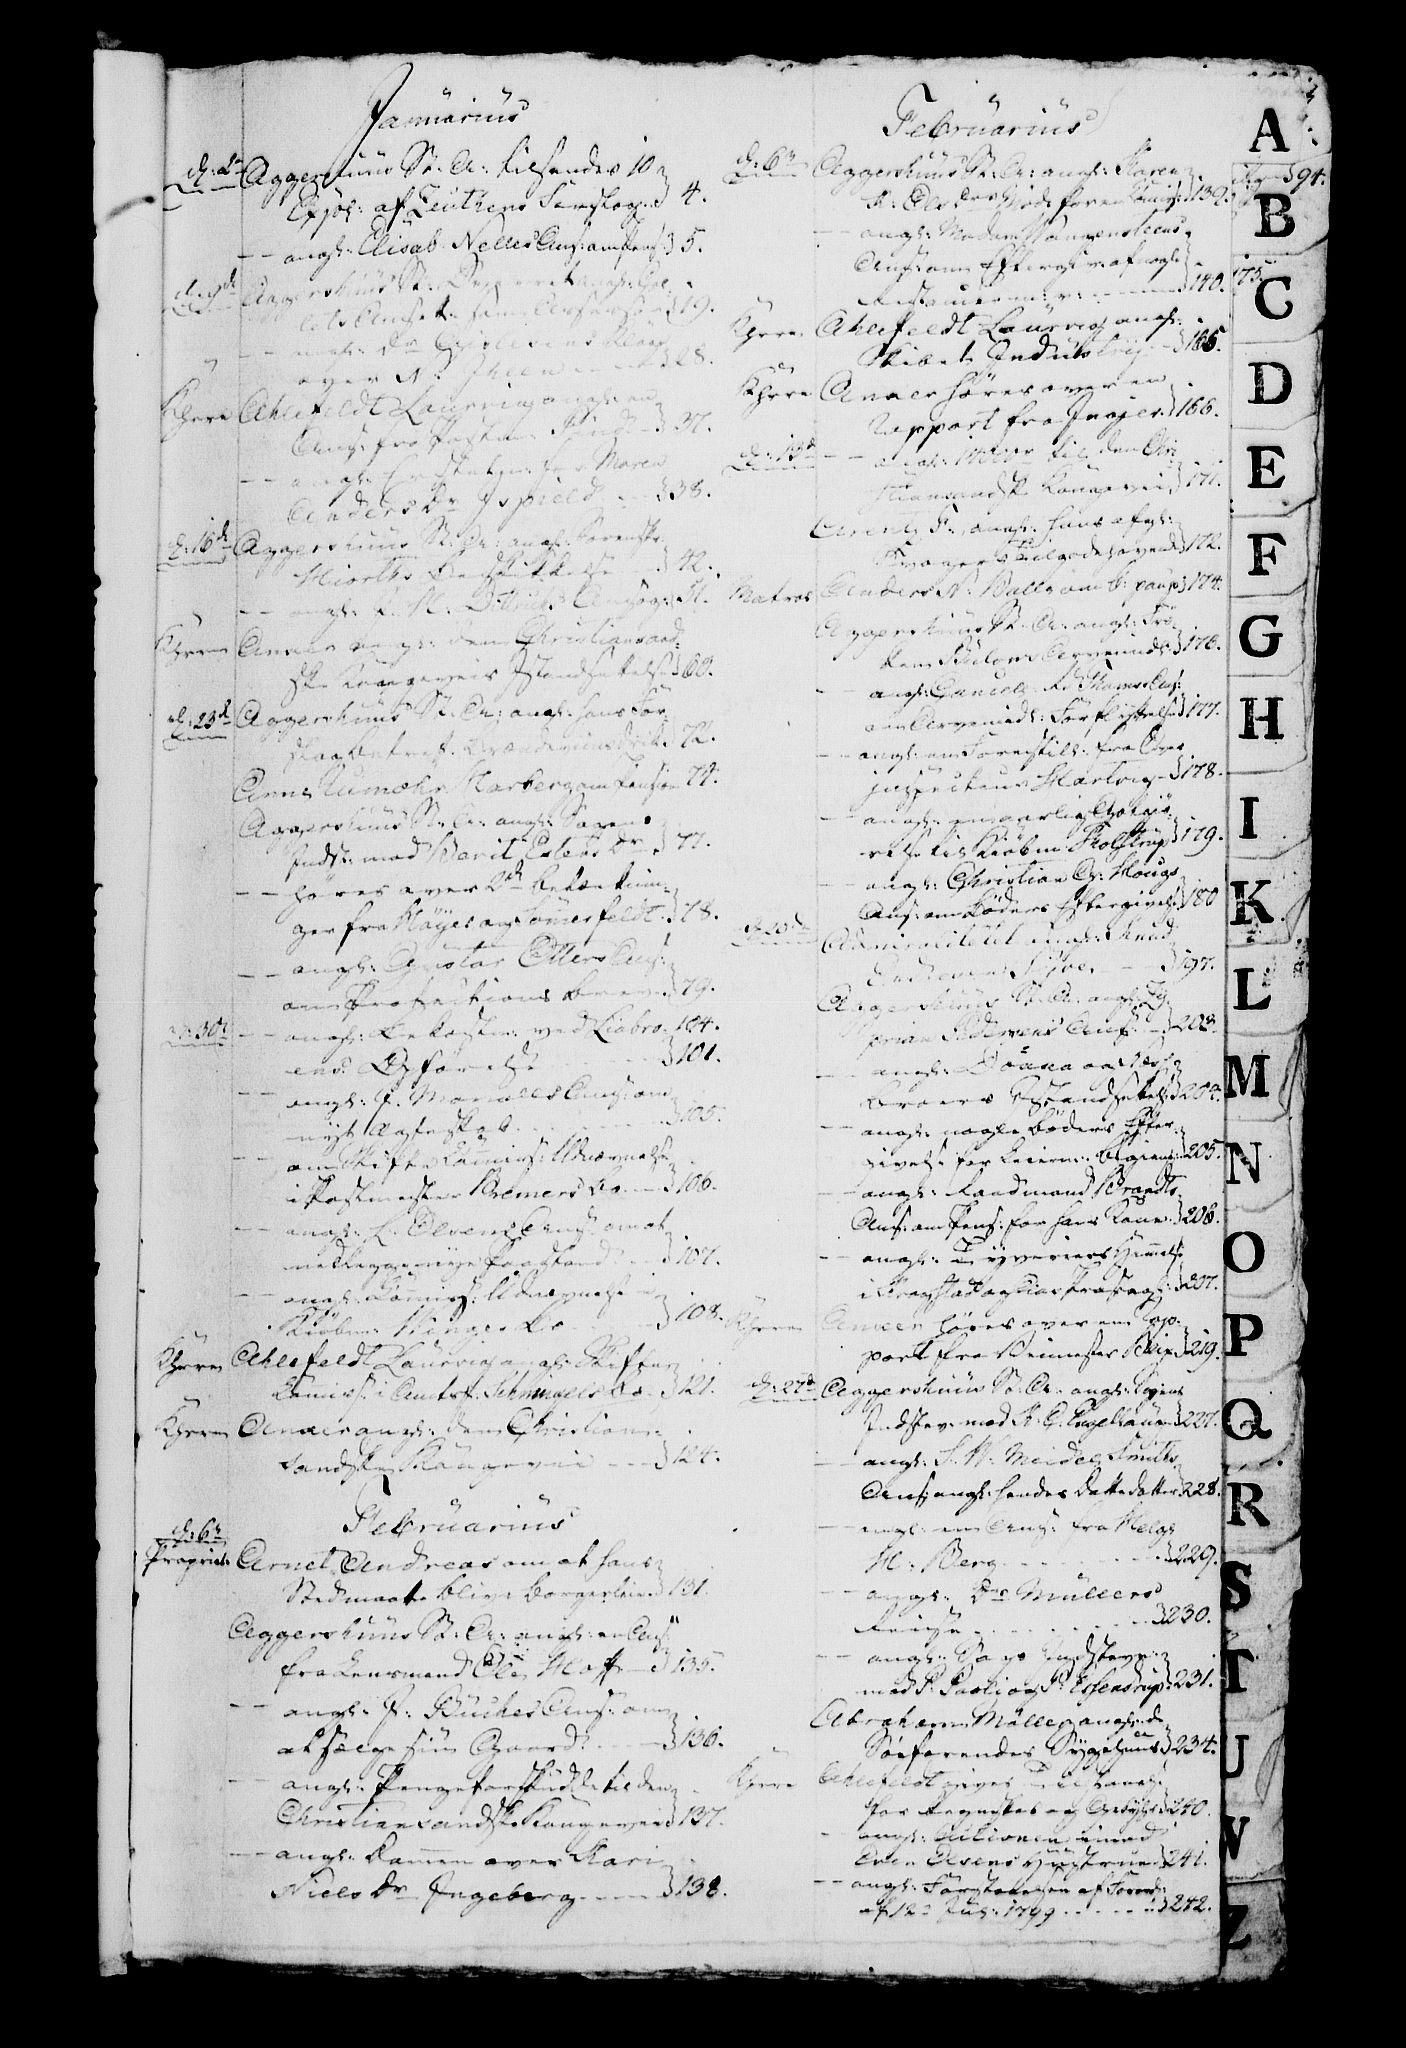 RA, Danske Kanselli 1800-1814, H/Hg/Hga/Hgaa/L0005: Brevbok, 1802